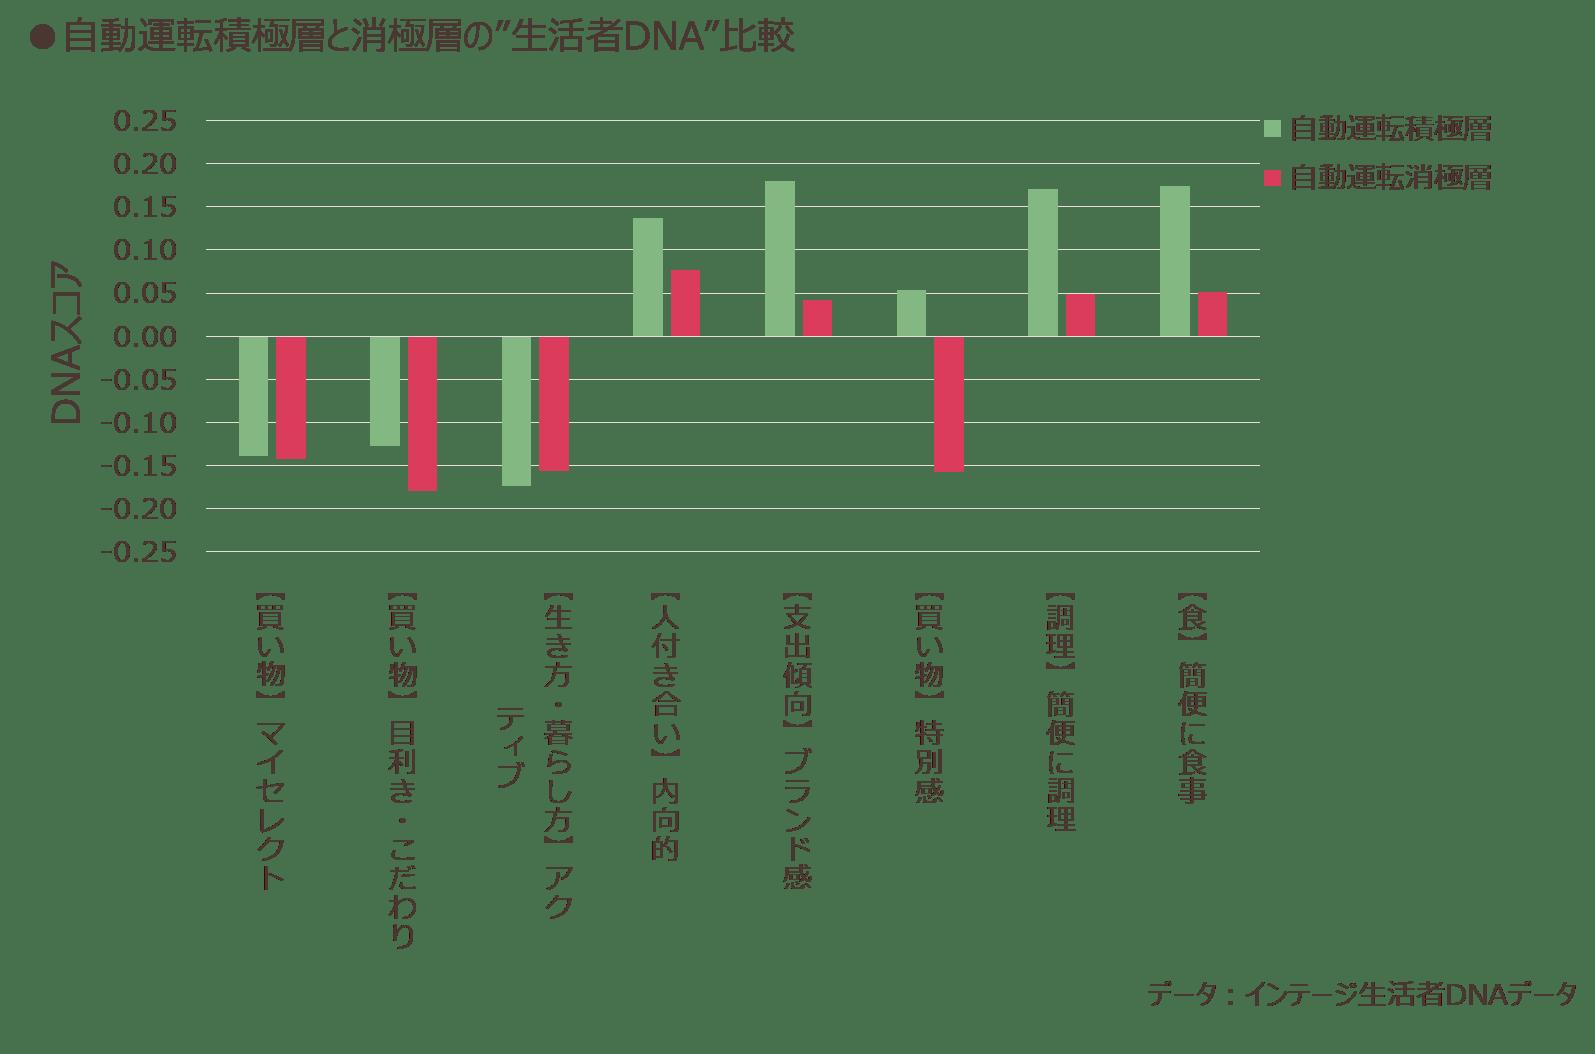 """自動運転積極層と消極層の""""生活者のDNA""""比較"""